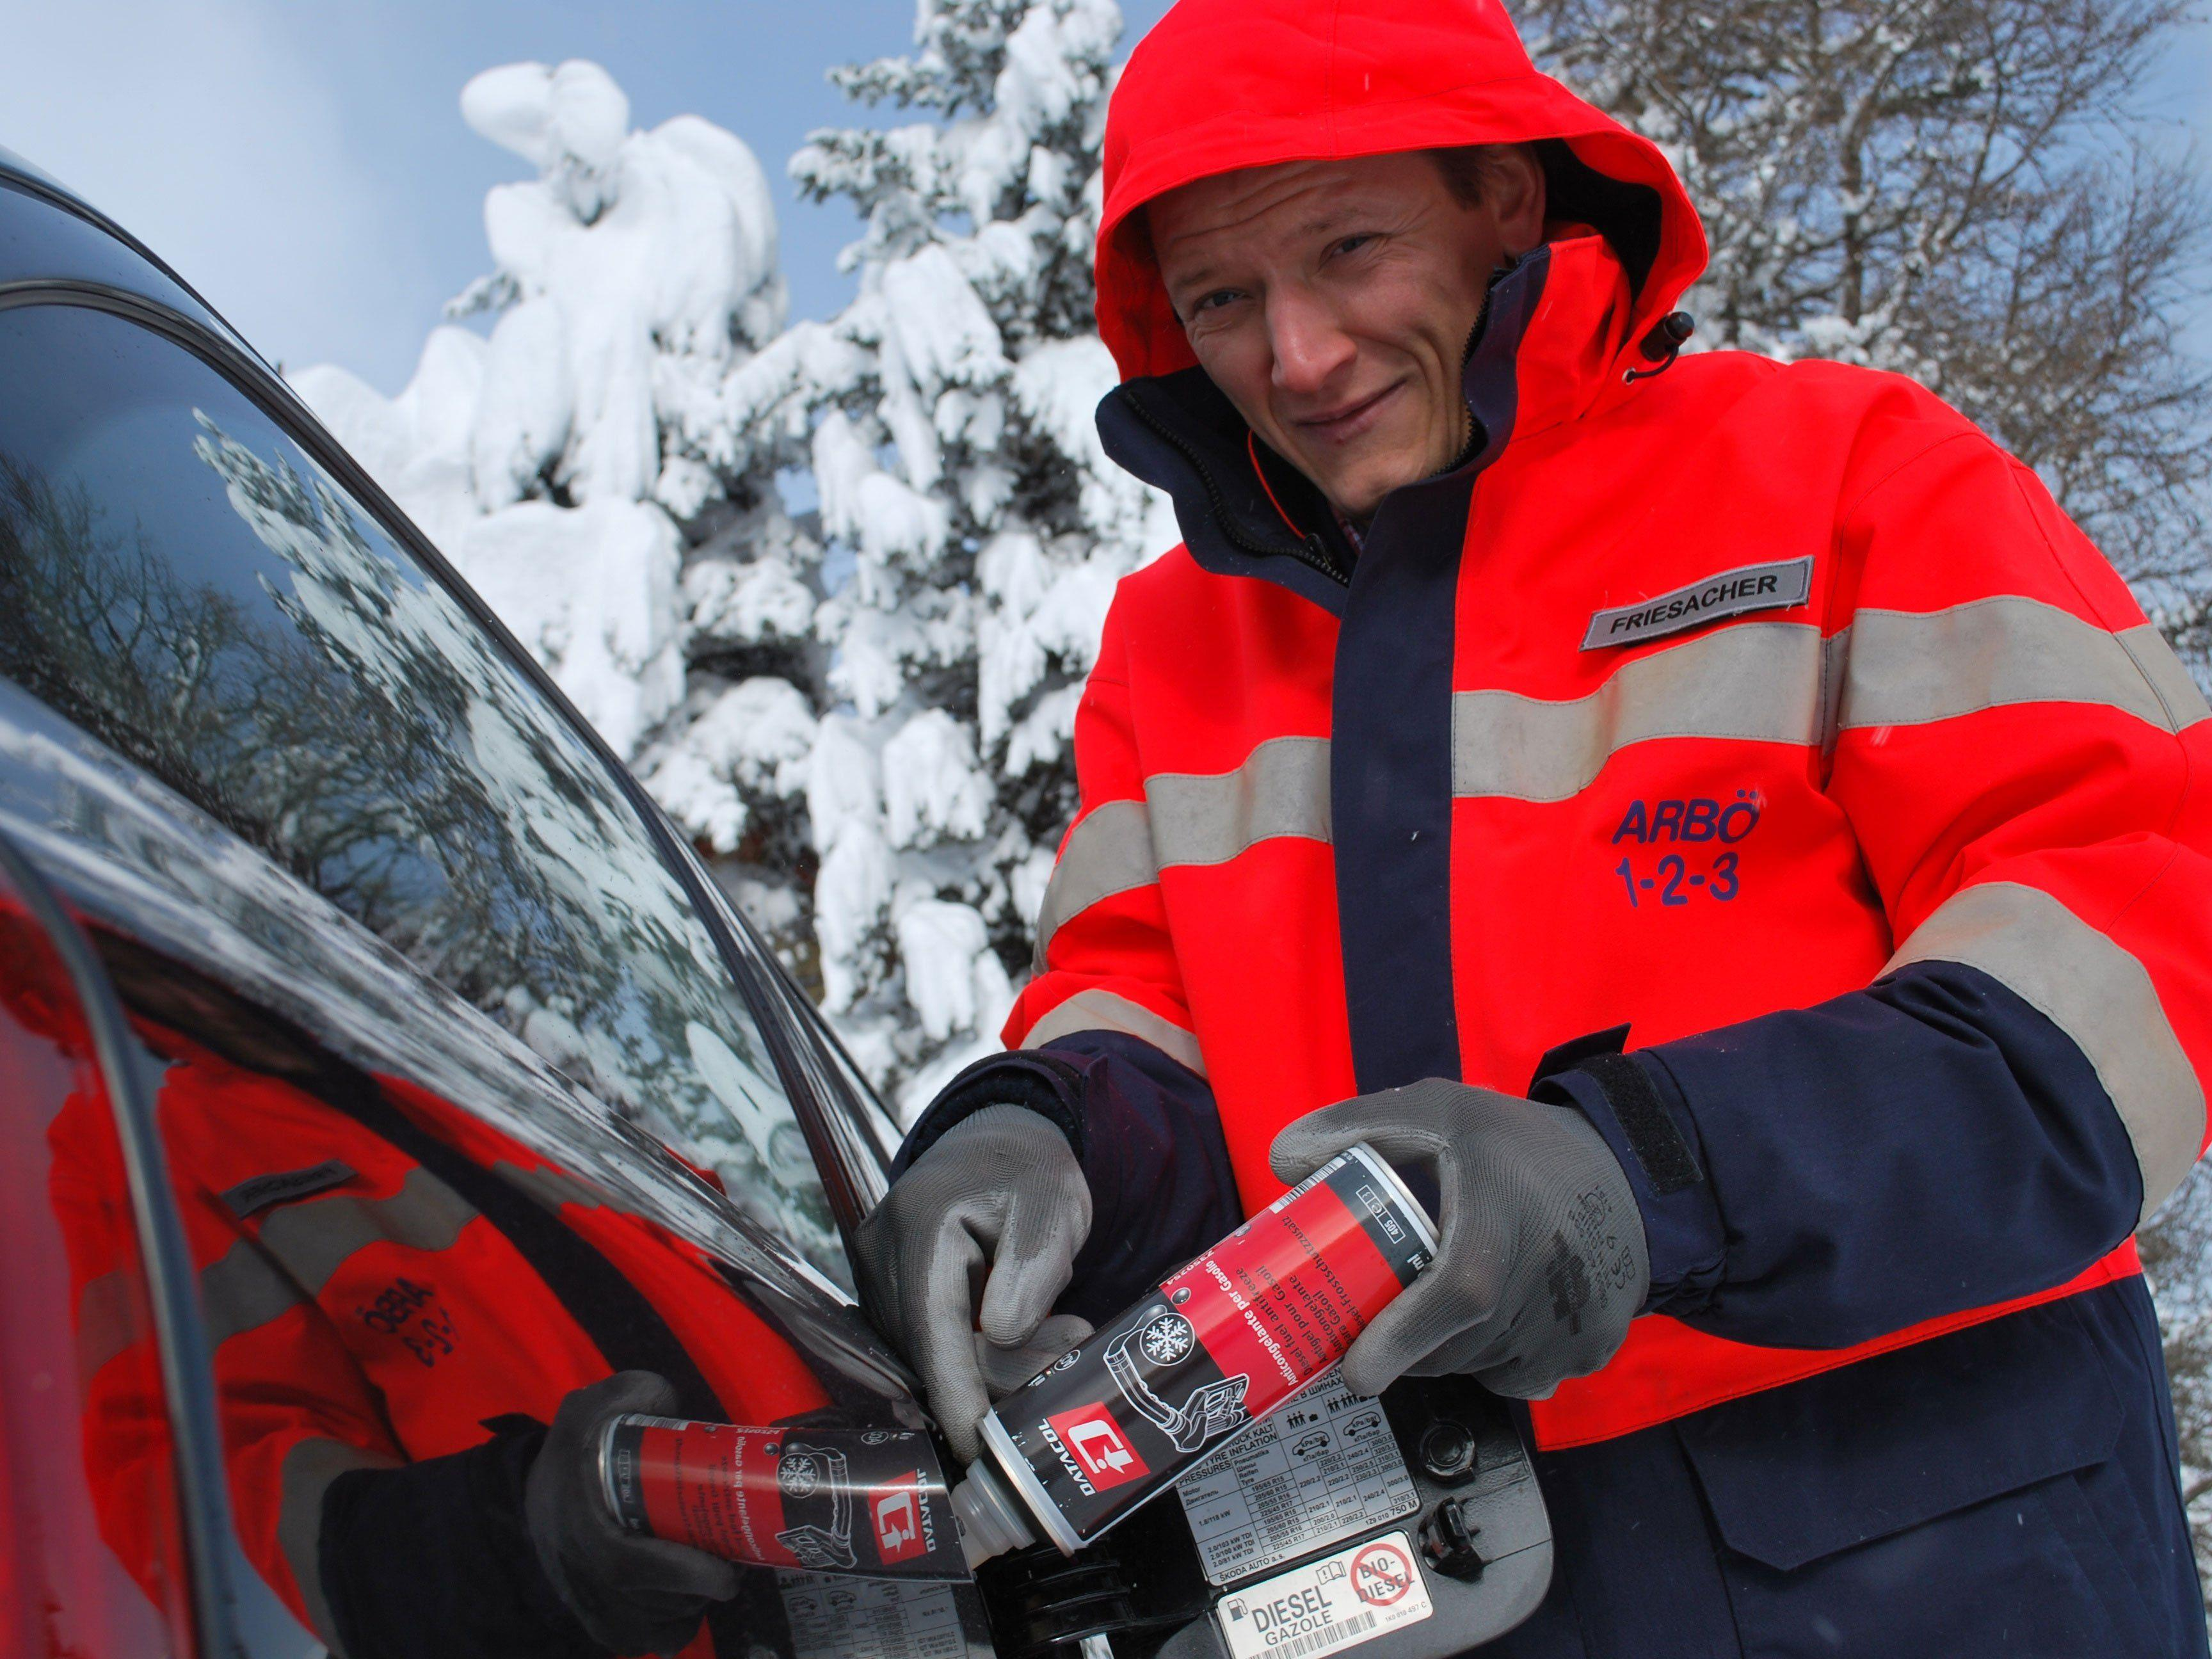 Dieselfrostschutz hilft bei eingefrorenem Kraftstoff